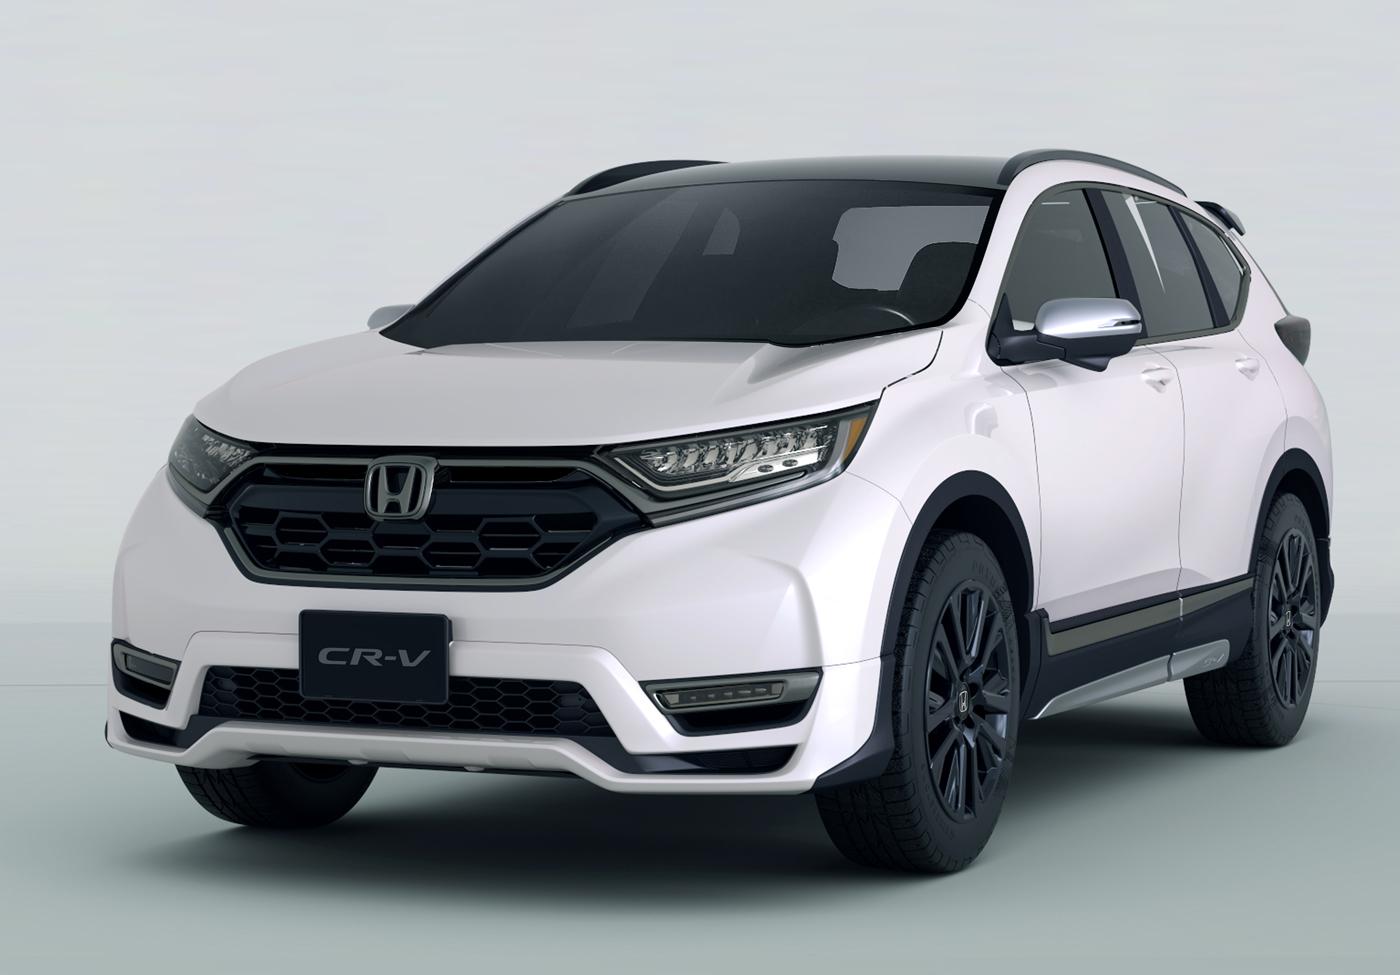 ホンダCR-V予想スペック/全長4590mm×全幅1850mm×全高1680mm、2L+モーター、価格250万〜340万円